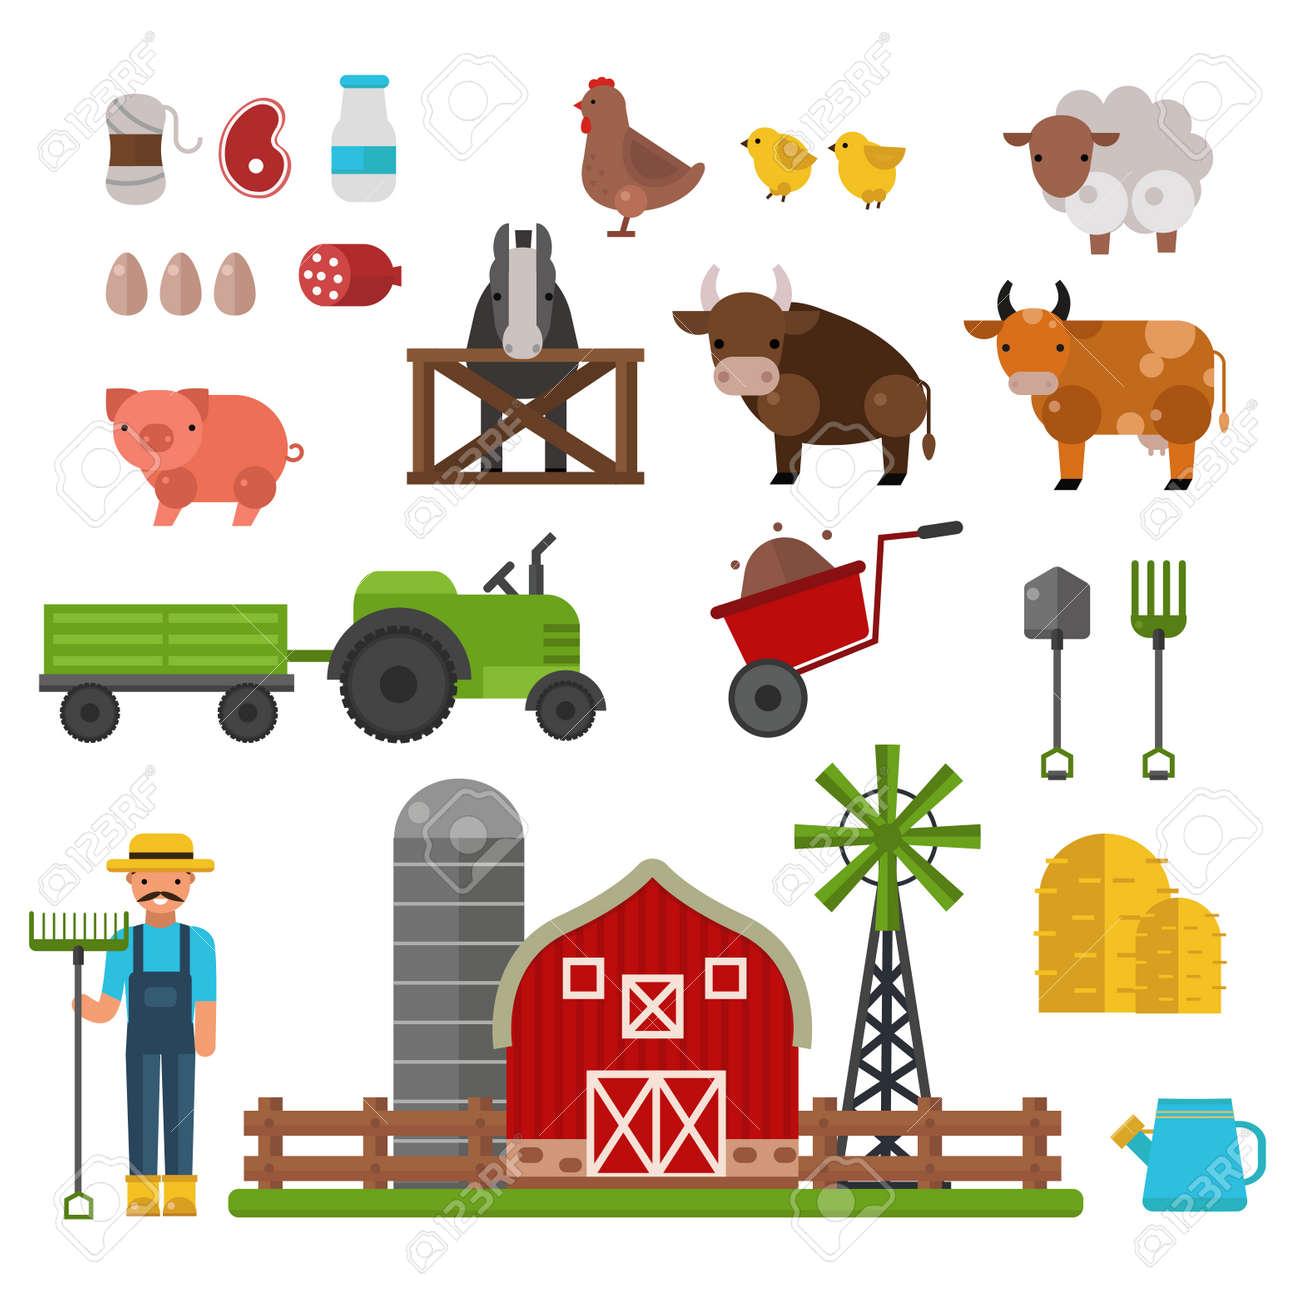 Inredning maskiner och verktyg : Husdjur, Mat Och Dryck Produktion Symboler, Ekologisk Produkt ...